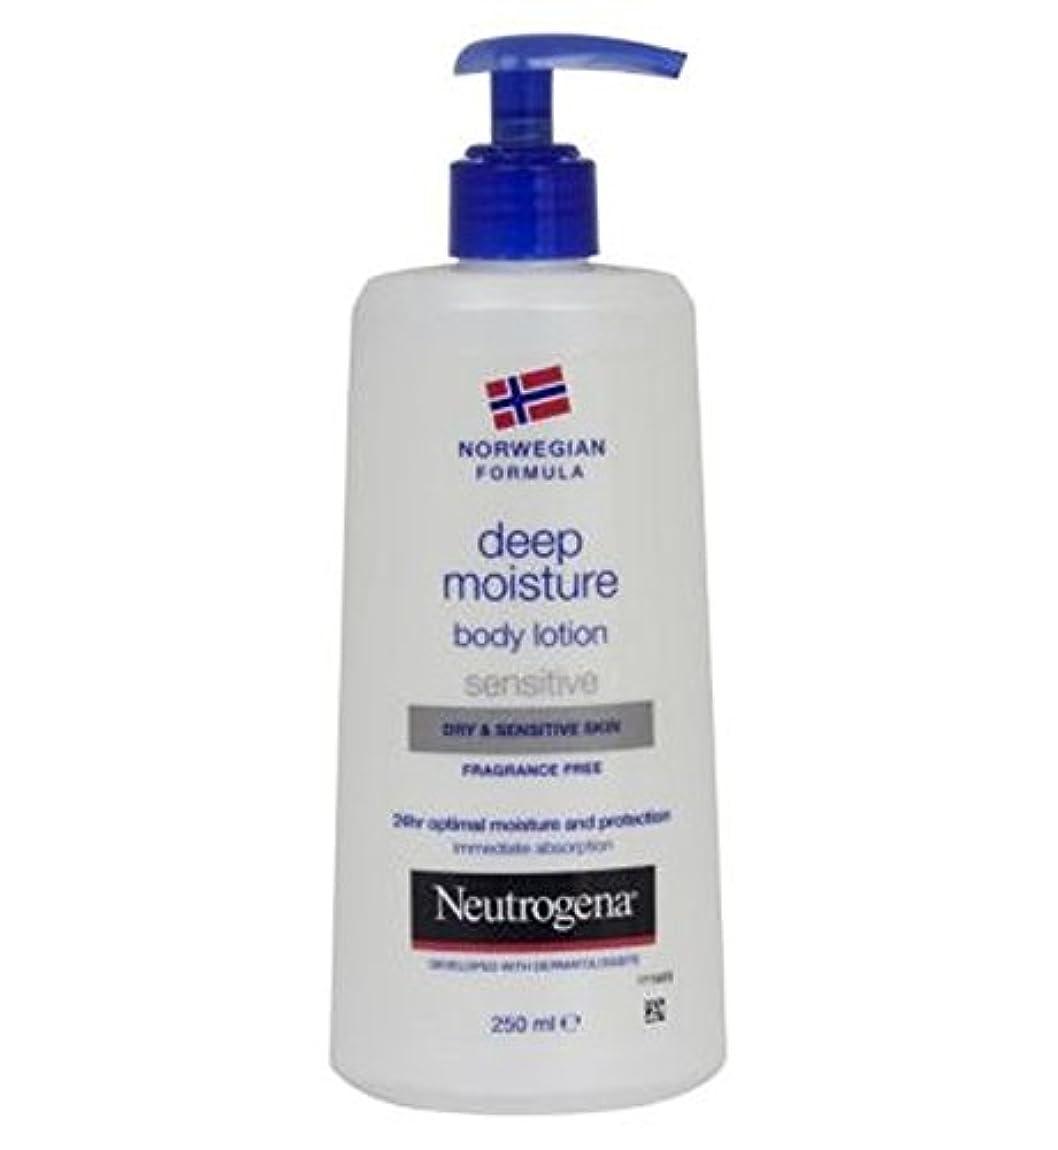 ディスクスキャンダルリングレットNeutrogena Norwegian Formula Deep Moistuire Body Lotion Sensitive For Dry & Sensitive Skin 250ml - ドライ&敏感肌用250...